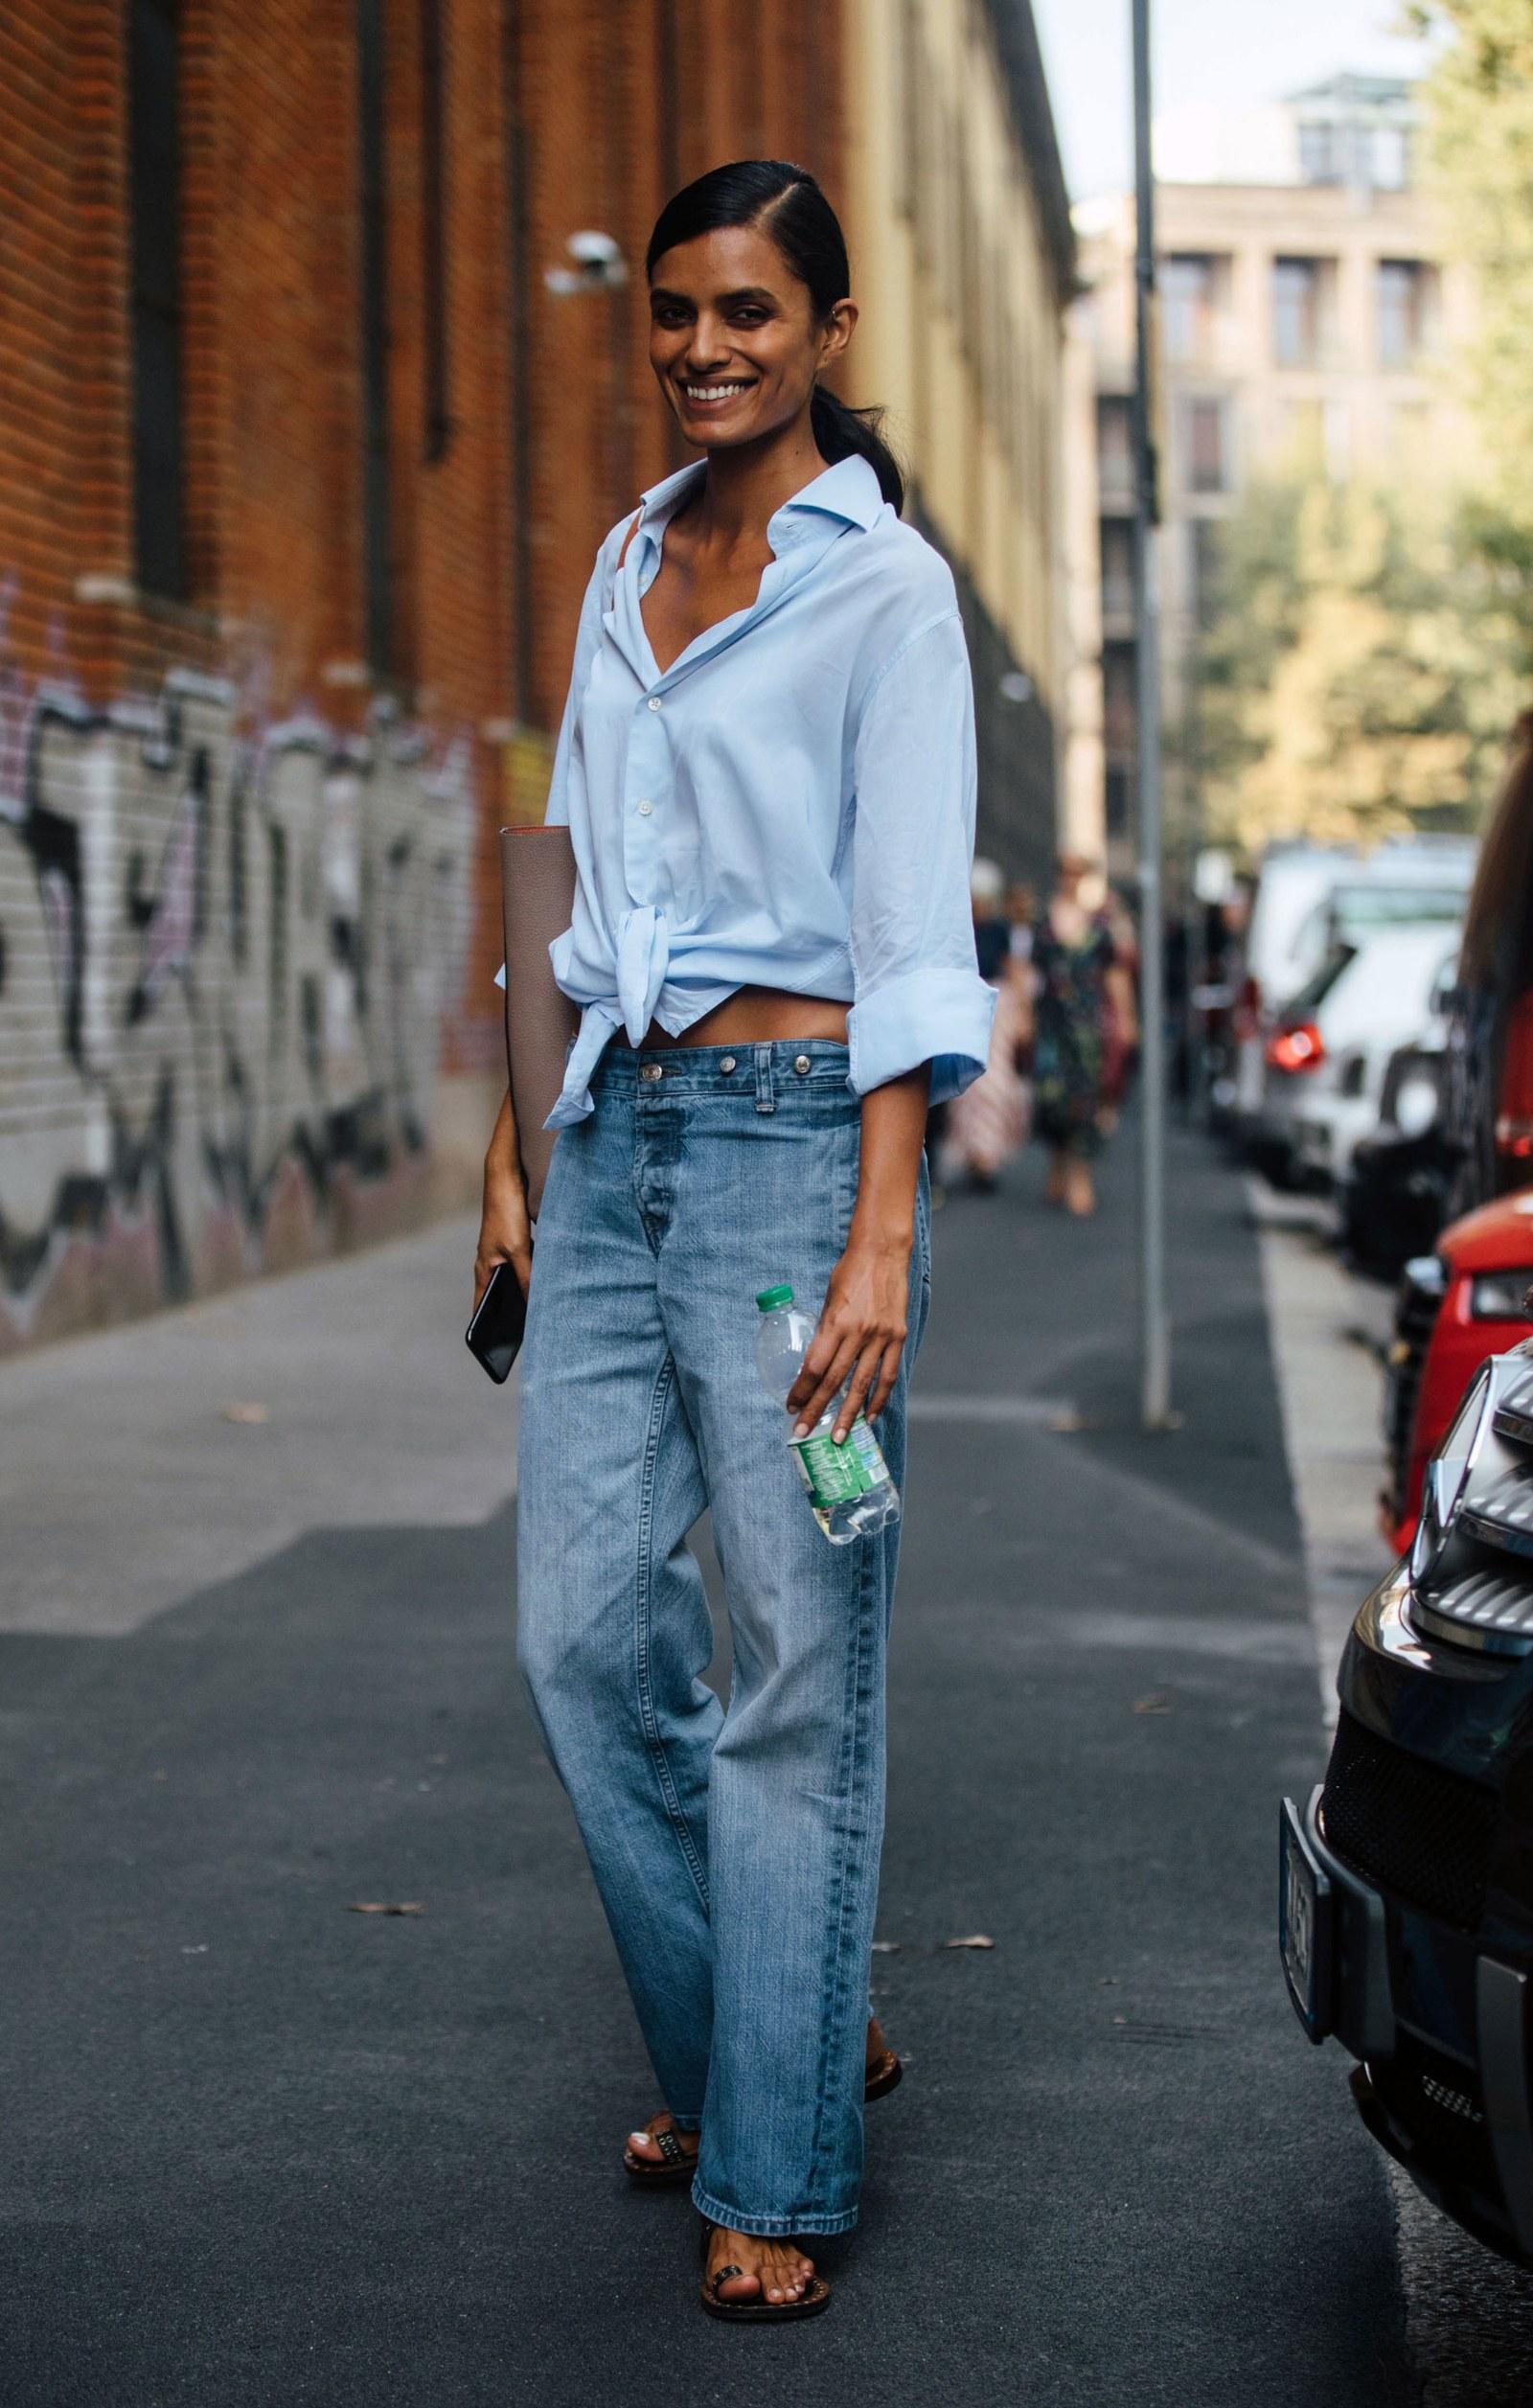 xu hướng thời trang quần jeans cạp trễ add 3